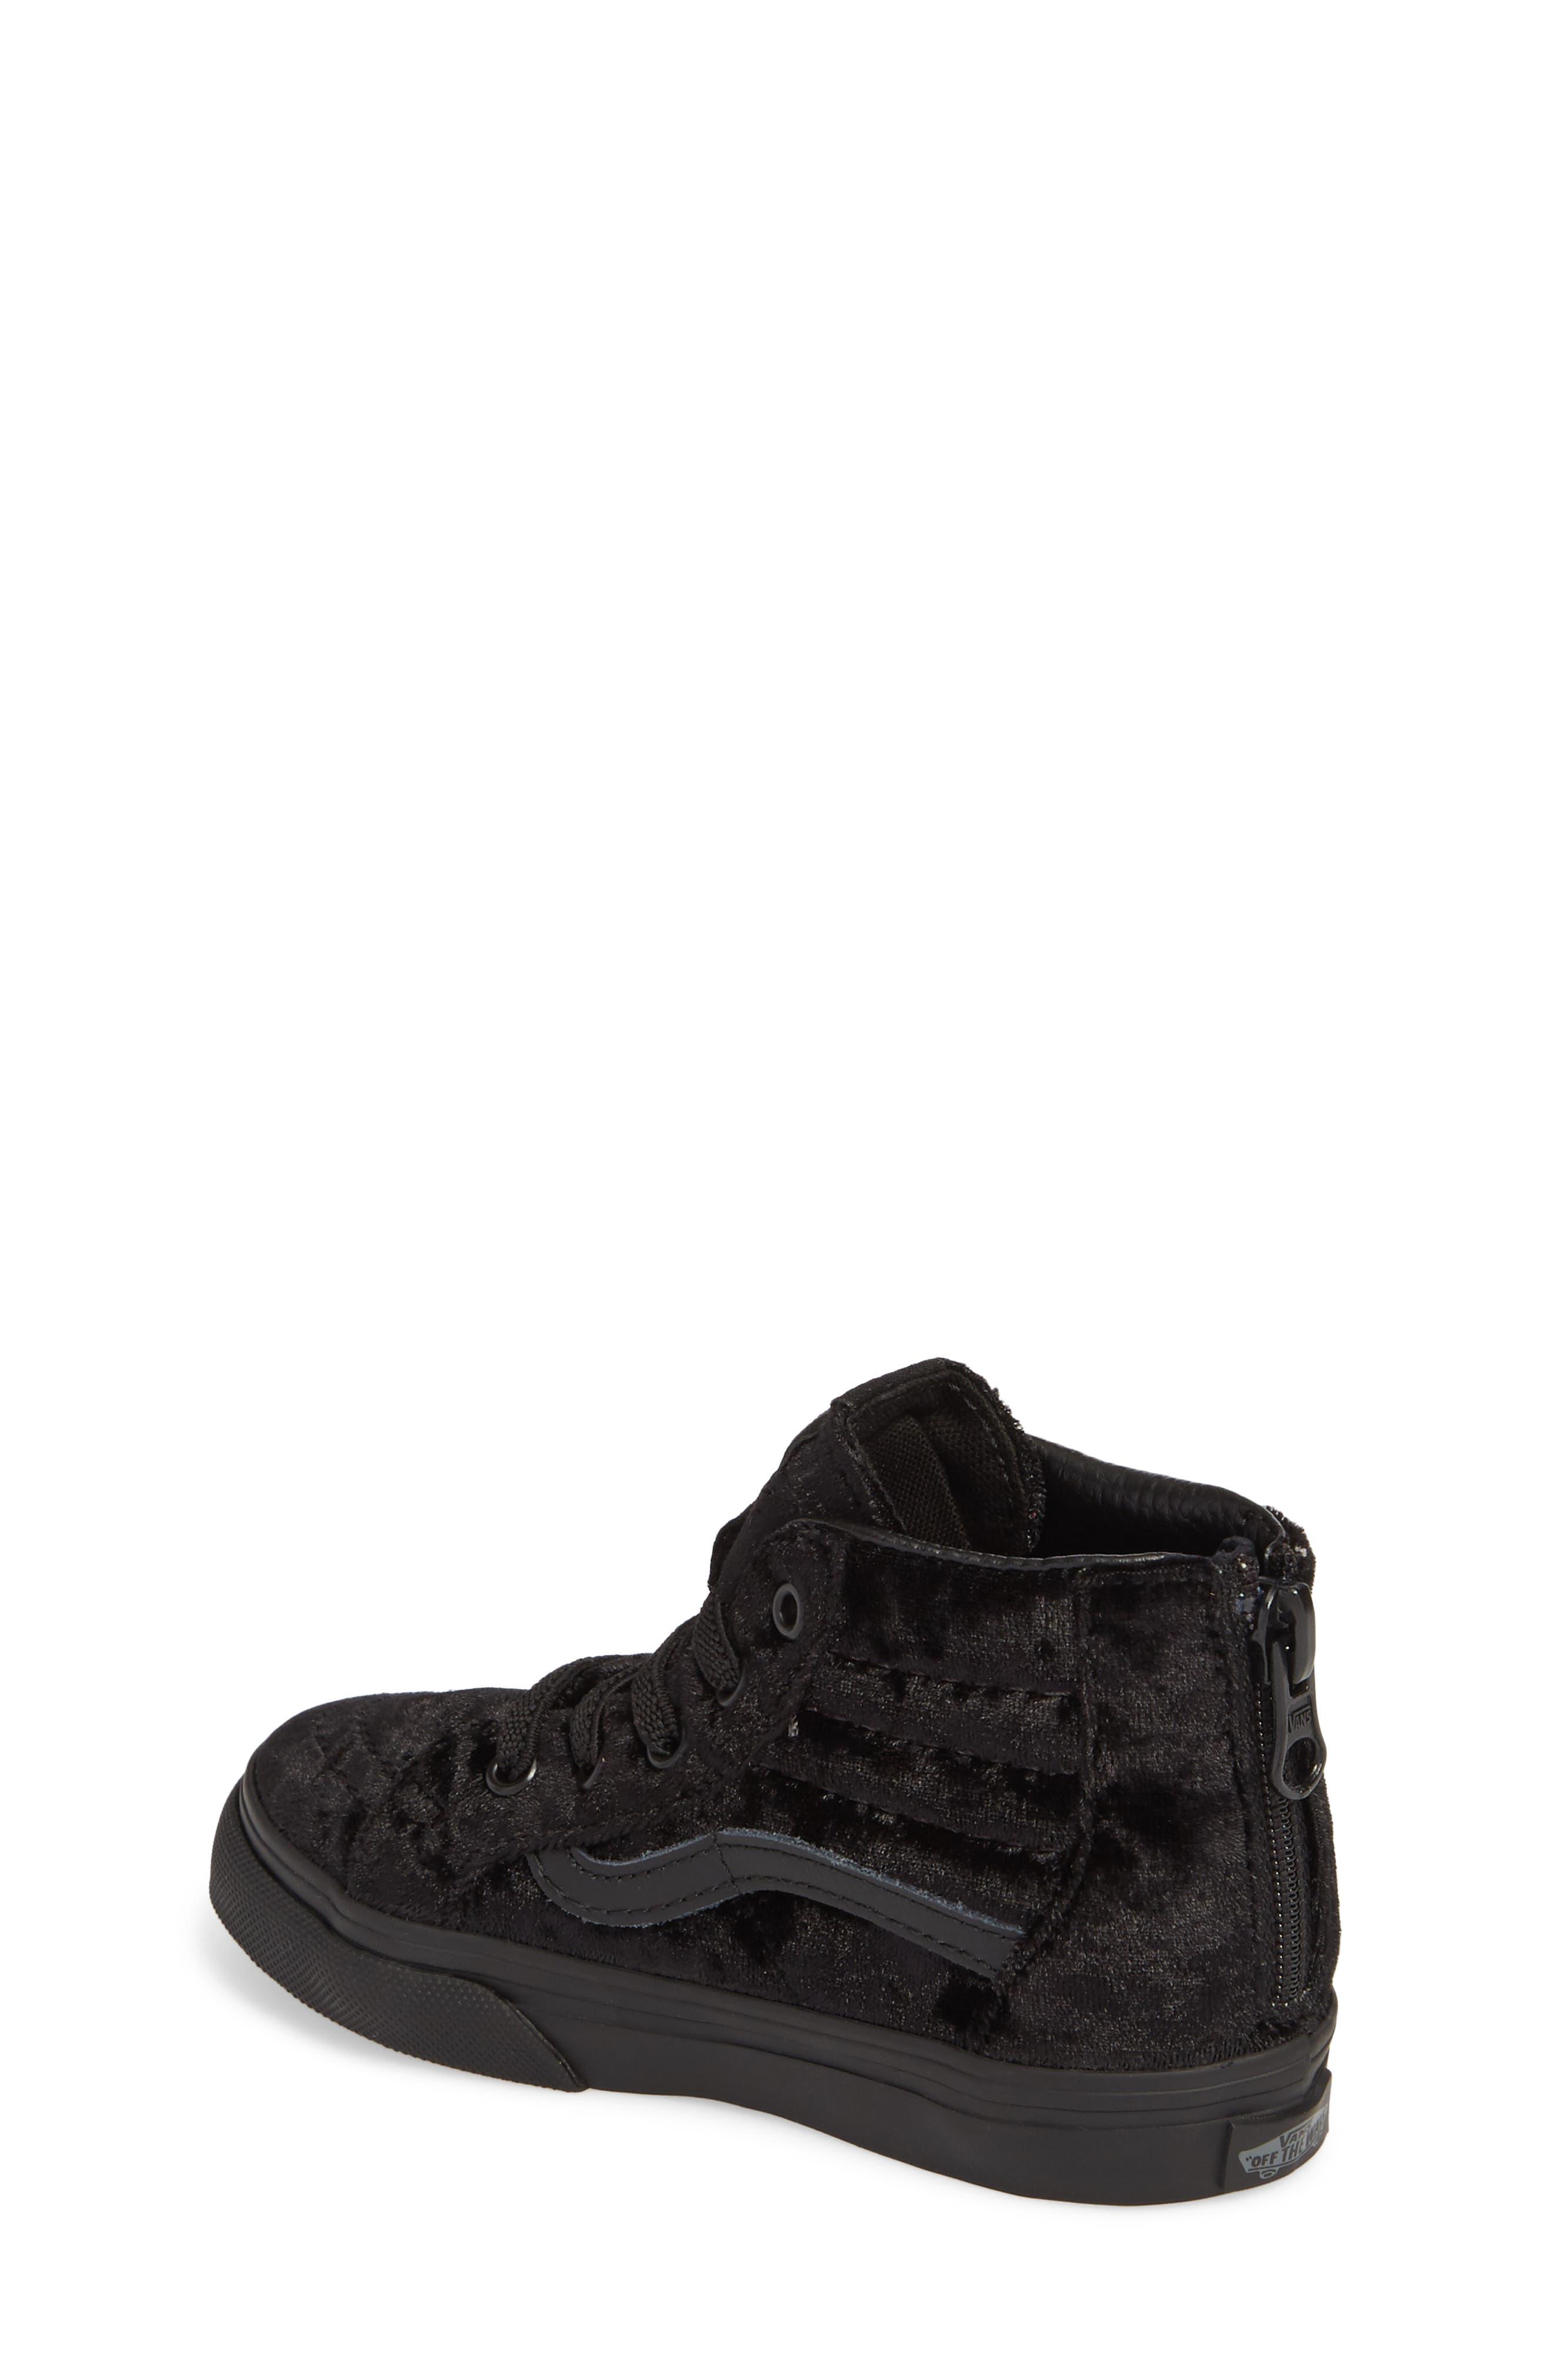 SK8-Hi Zip Sneaker,                             Alternate thumbnail 4, color,